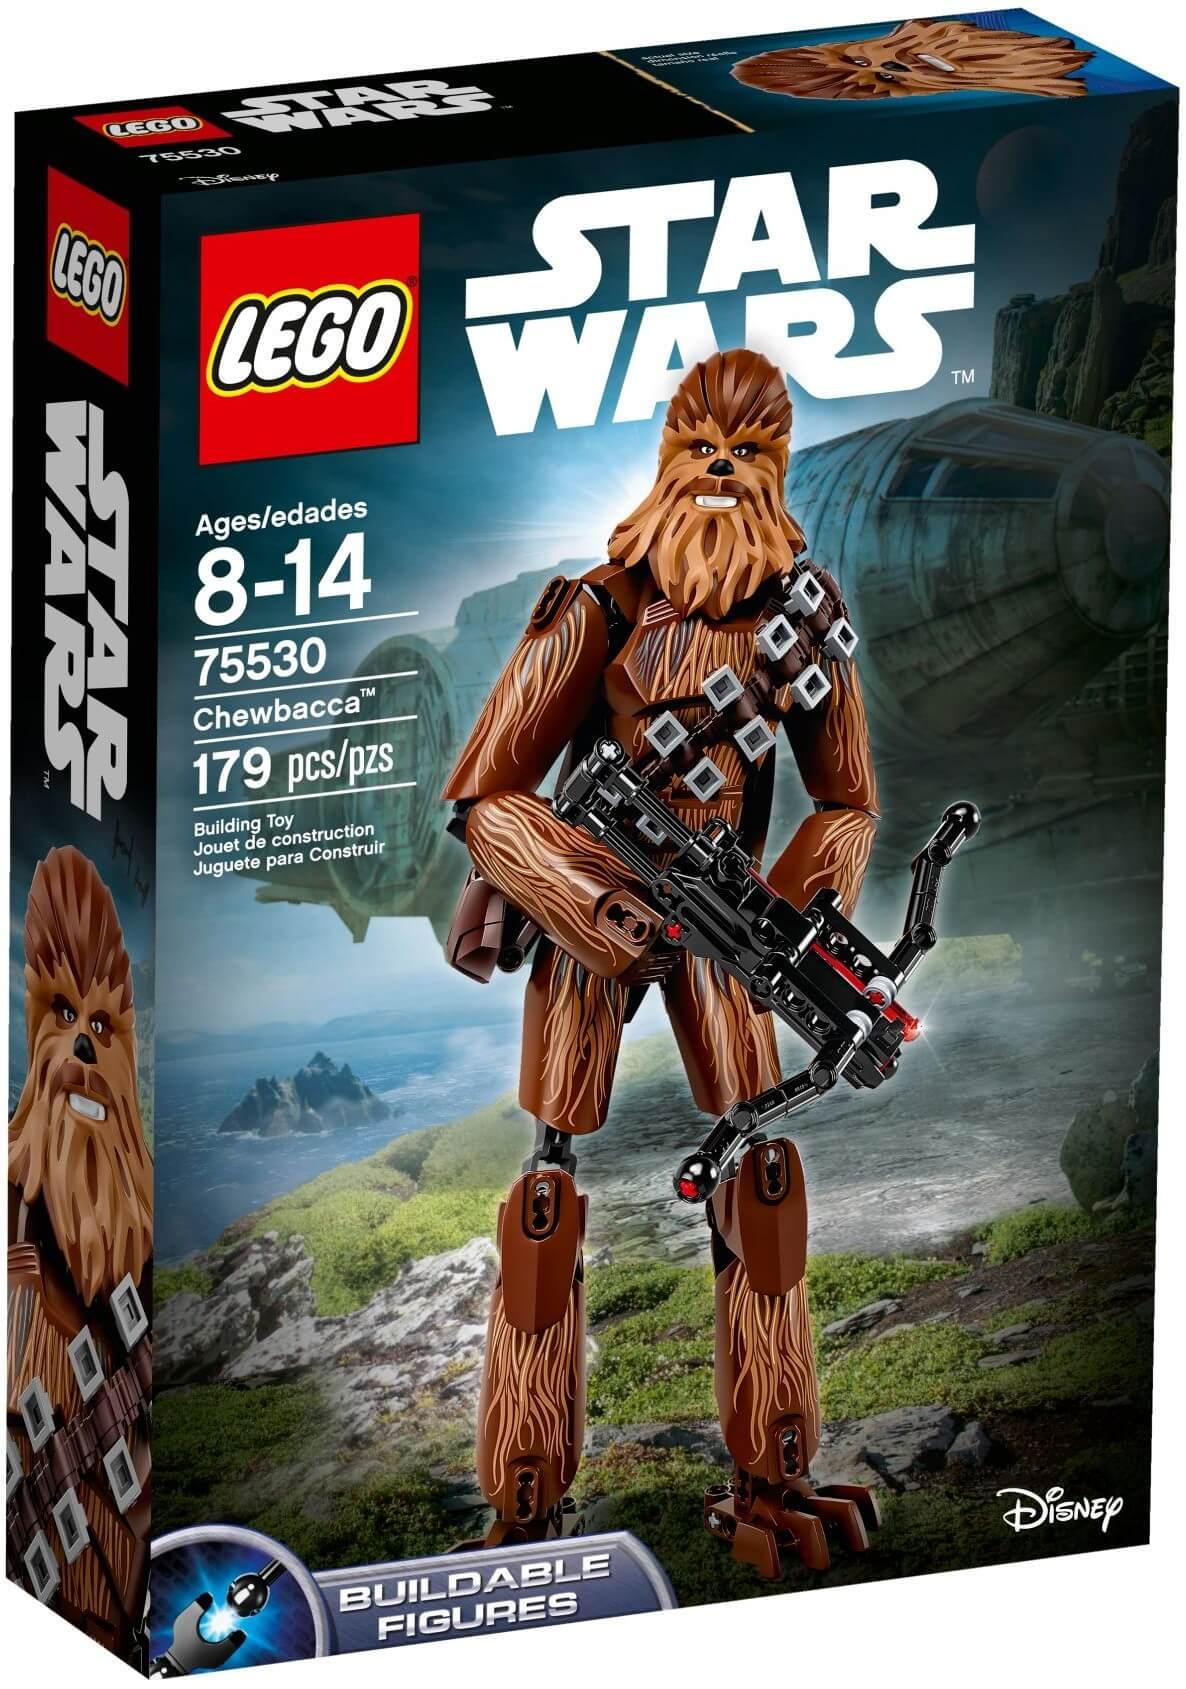 Mua đồ chơi LEGO 75530 - LEGO Star Wars 75530 - Chewbacca